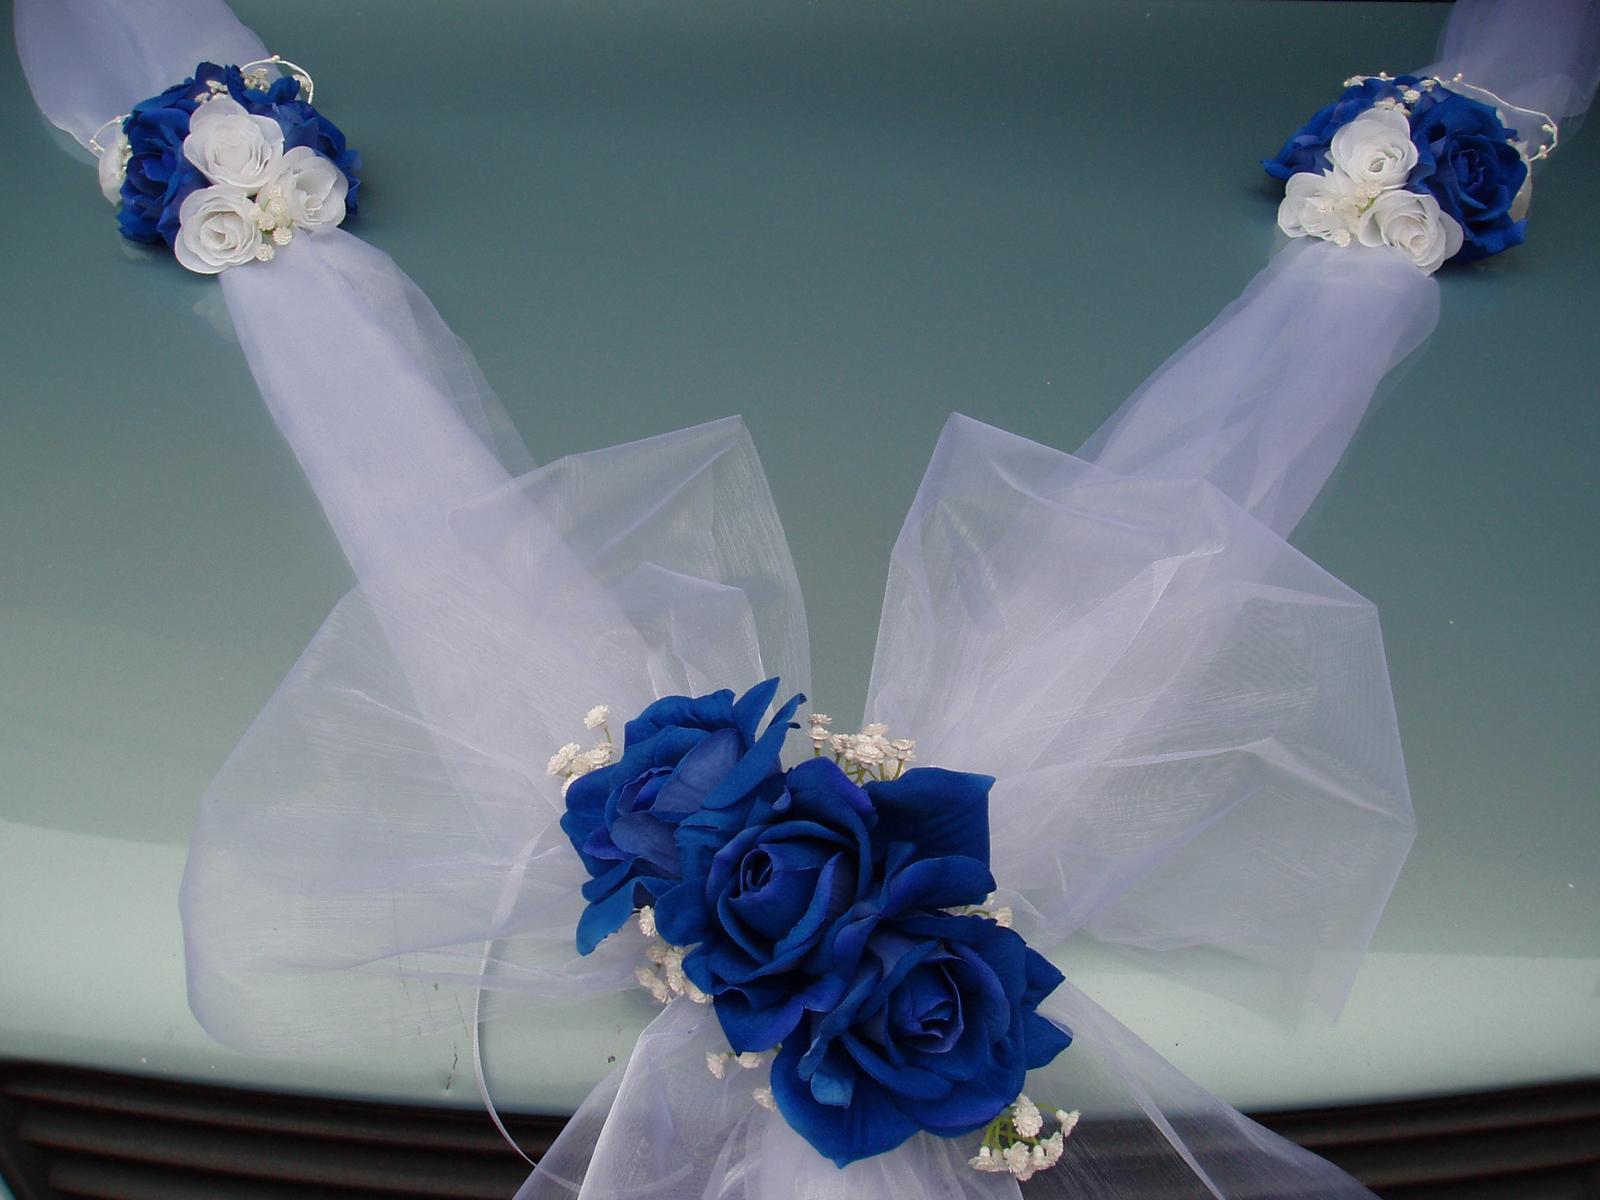 Dvojšerpa s mašlí-modré růže - Obrázek č. 1